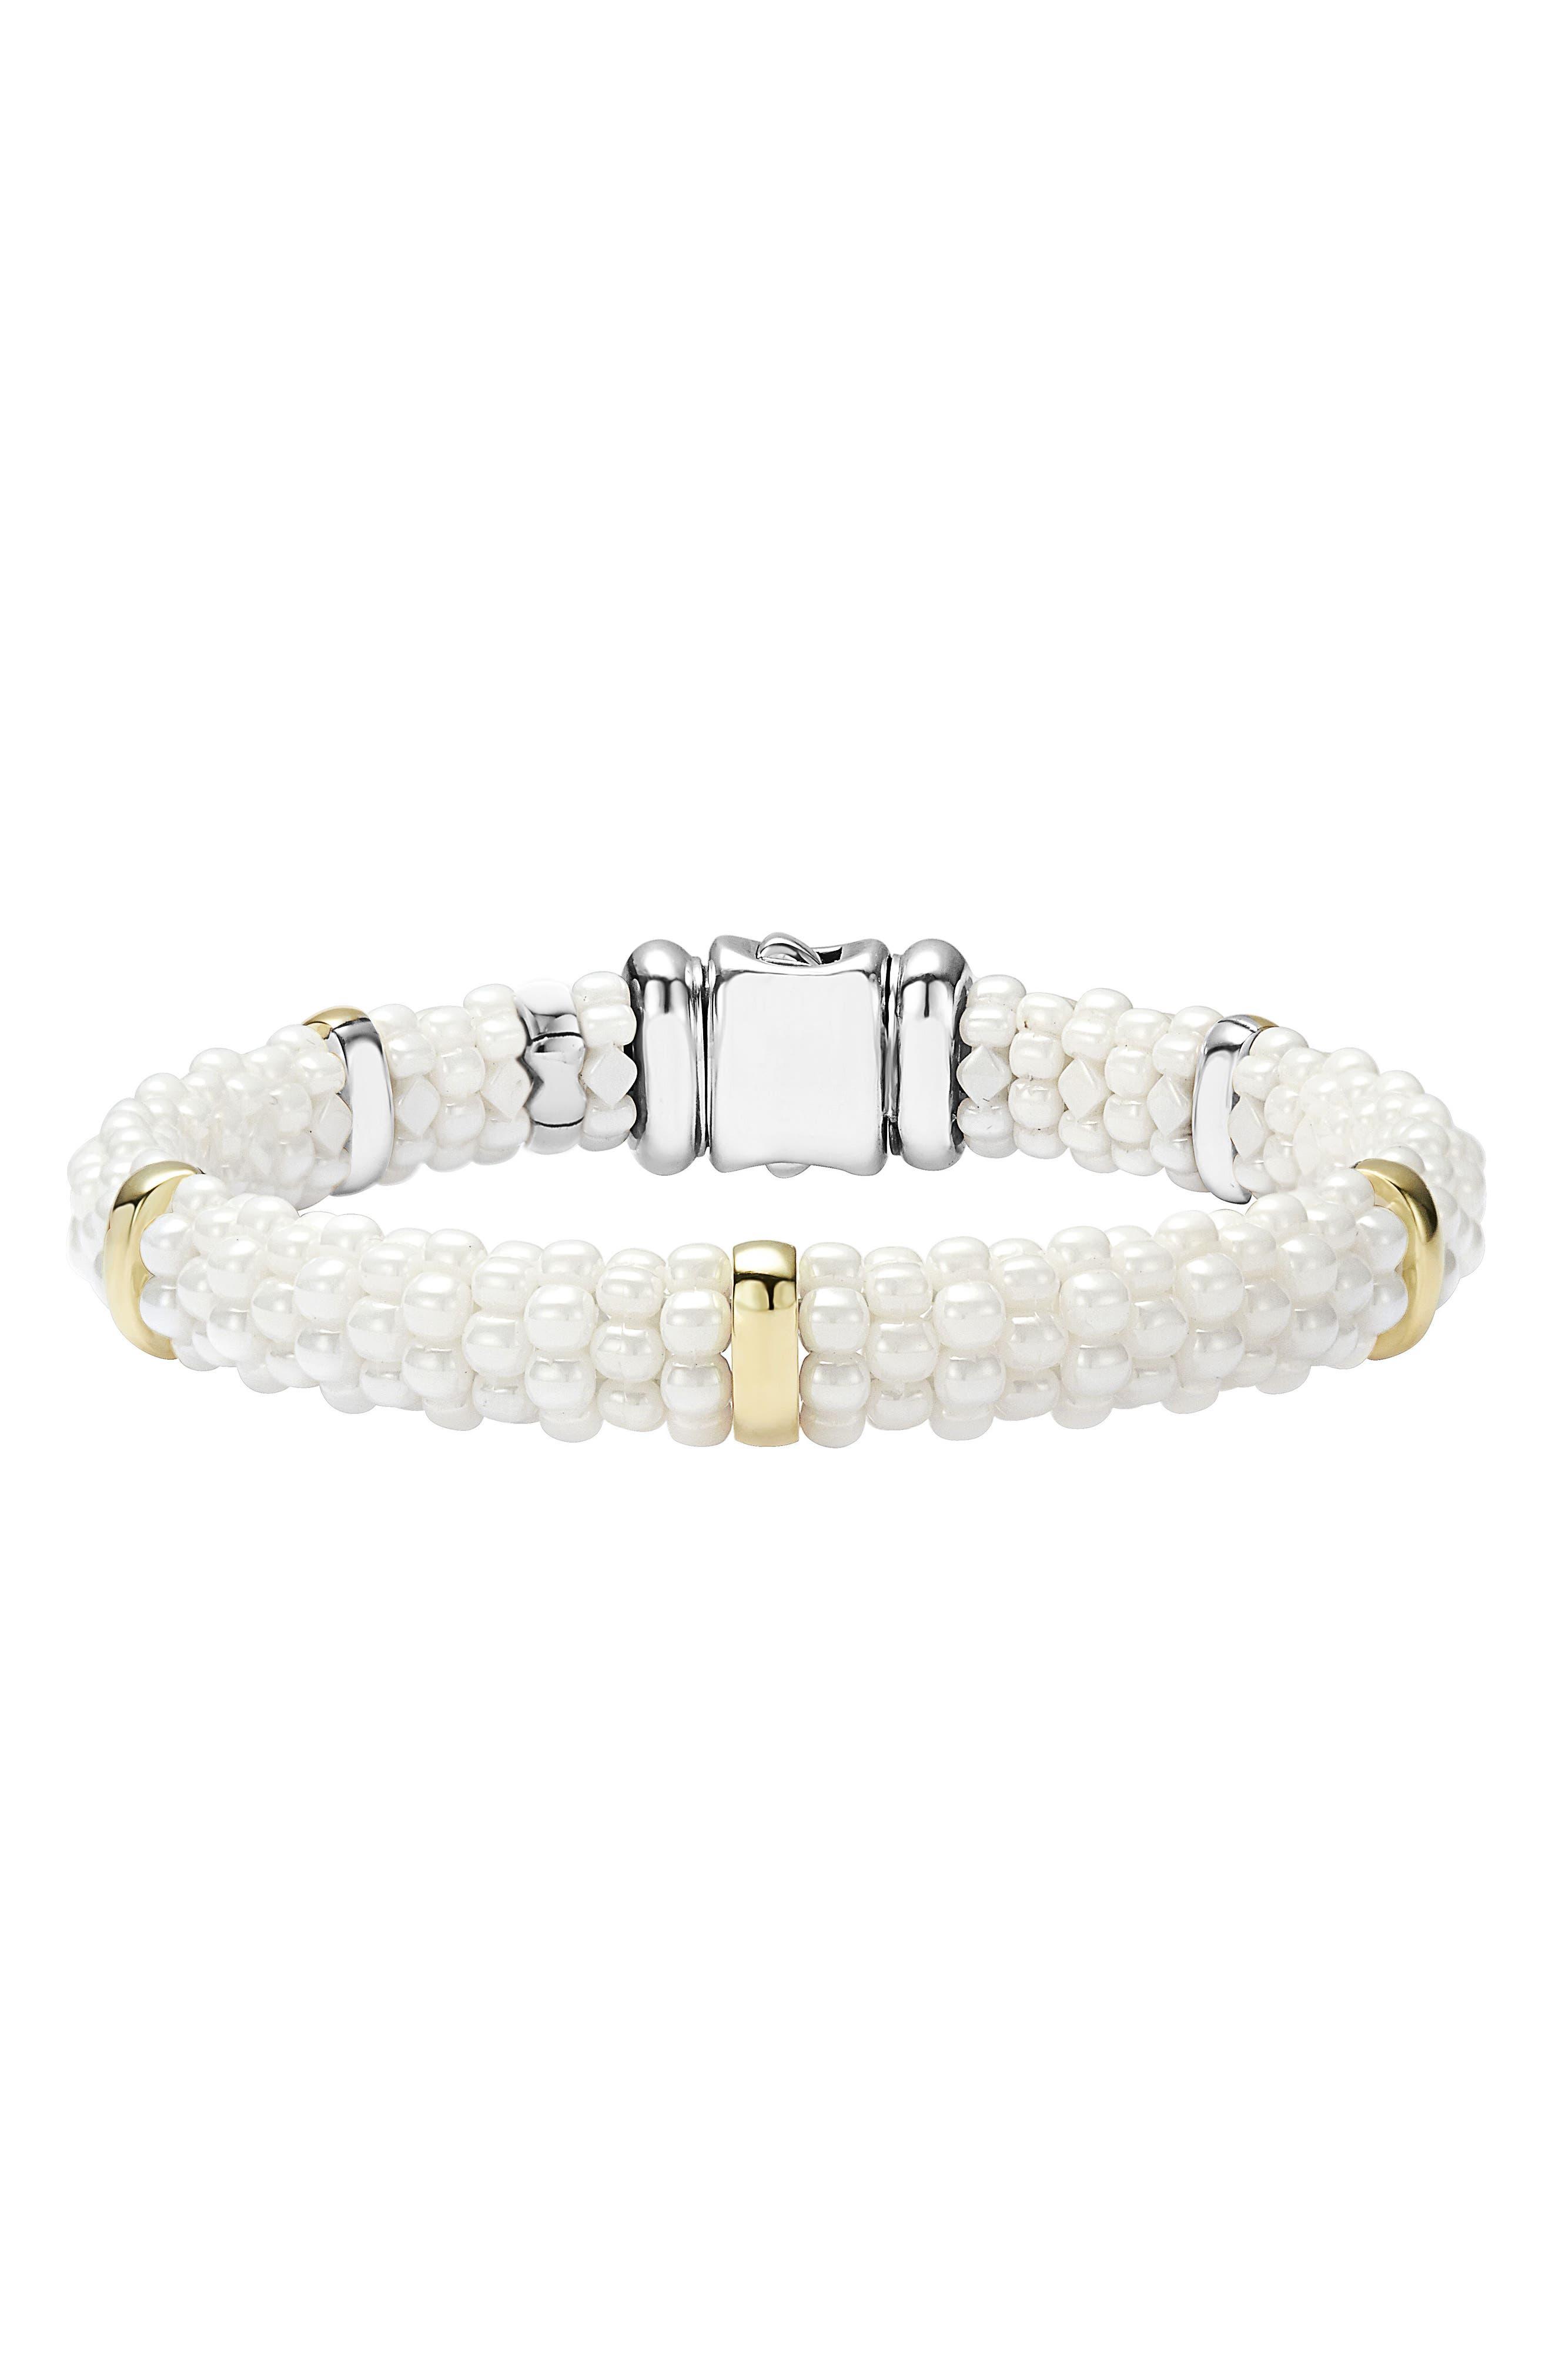 White Caviar Station Bracelet,                         Main,                         color, WHITE CAVIAR